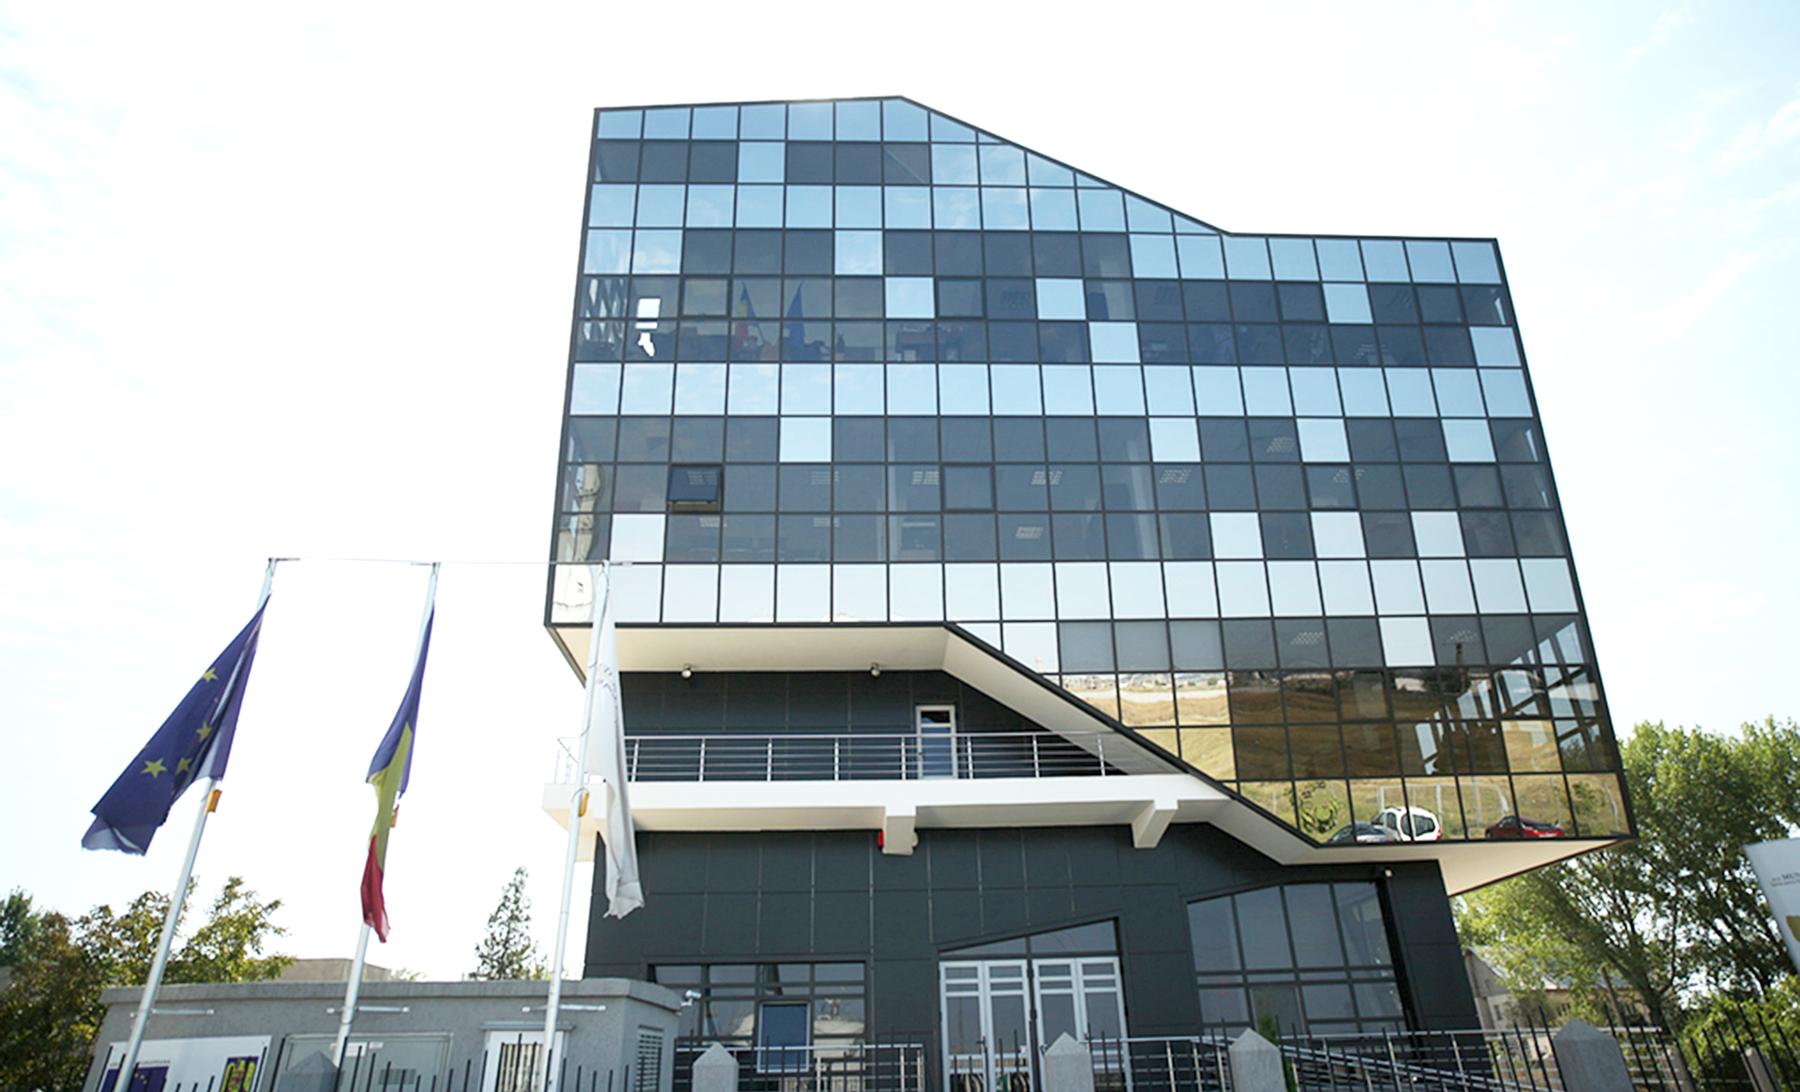 ADR Sud Muntenia invită autoritățile publice locale din regiunea de dezvoltare Sud - Muntenia la prima întâlnire a Grupului Extern de lucru privind elaborarea Foii regionale de parcurs referitoare la consolidarea capacității administrative pentru perioada 2021-2027!